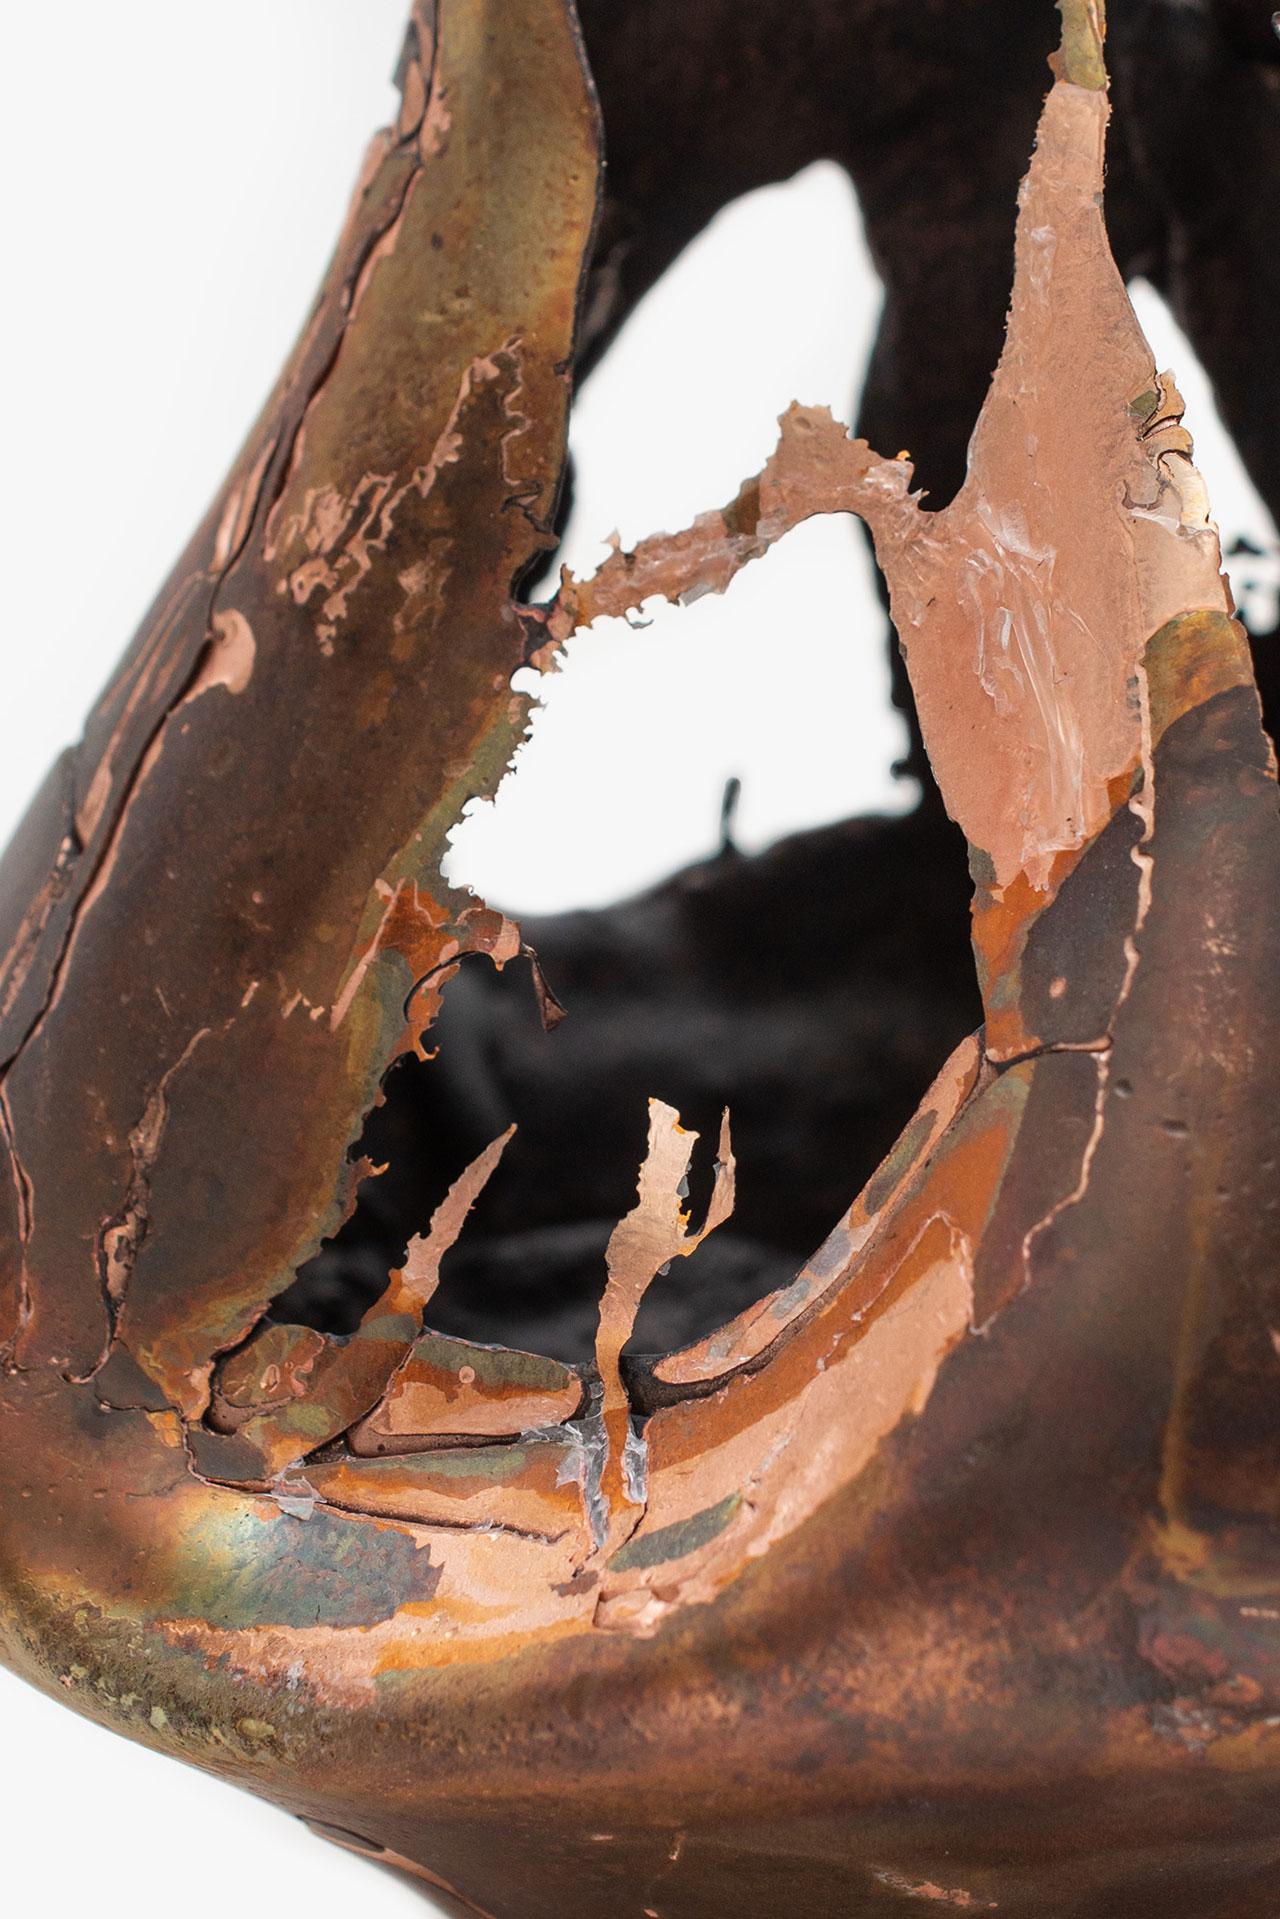 Omer Arbel, OAO113.2020.18 (detail), 2020. 13,8 x 12,5 x 12 cm. Copper alloy cast in glass. Courtesy Carwan gallery.